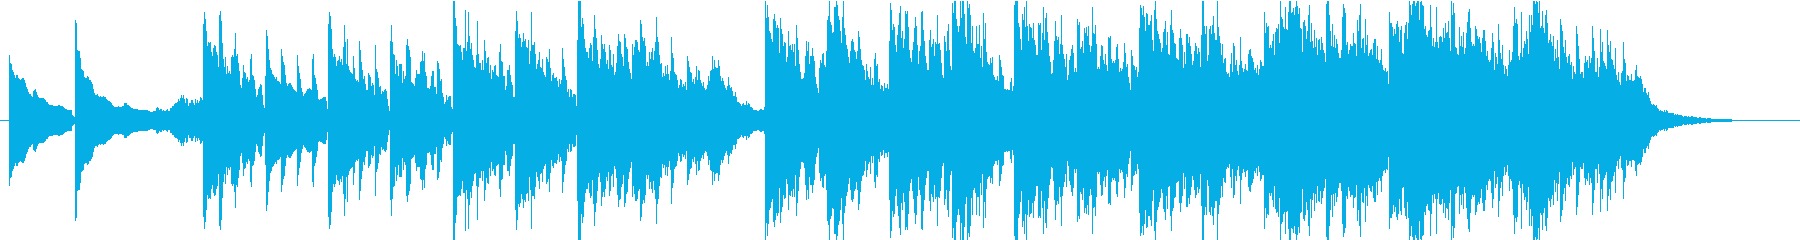 ピアノが印象的なエレクトロニカの再生済みの波形